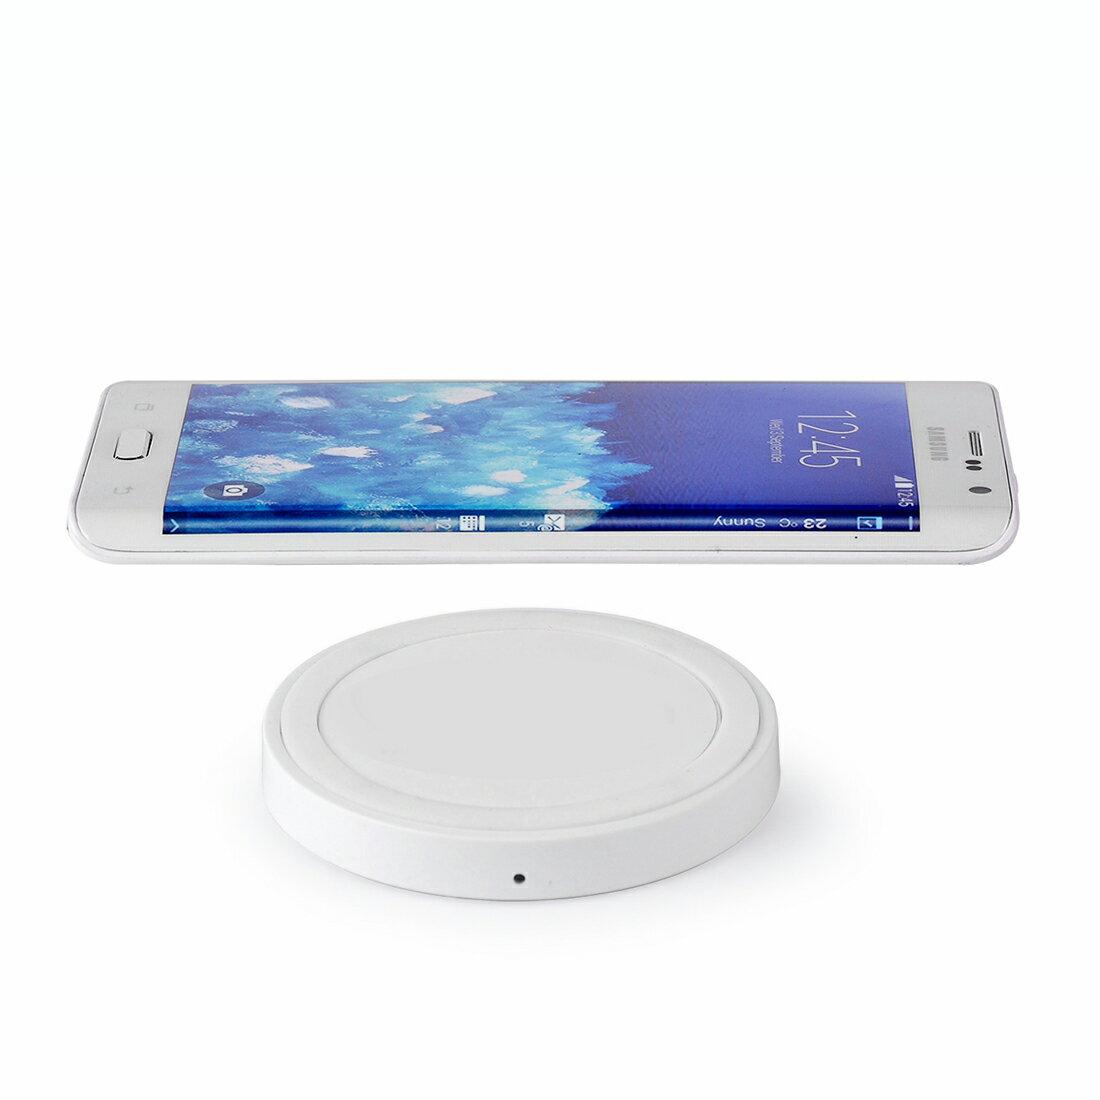 Qi 充電器 Galaxy S6 edge ワイヤレス充電 ワイヤレス充電器 ワイヤレス 充電 SC-04G/SCV31/Galaxy S6 SC-05G スマホ スマートフォン USB供電 Qi充電パッド 無線充電器 ワイヤレスチャージャー メール便 送料無料